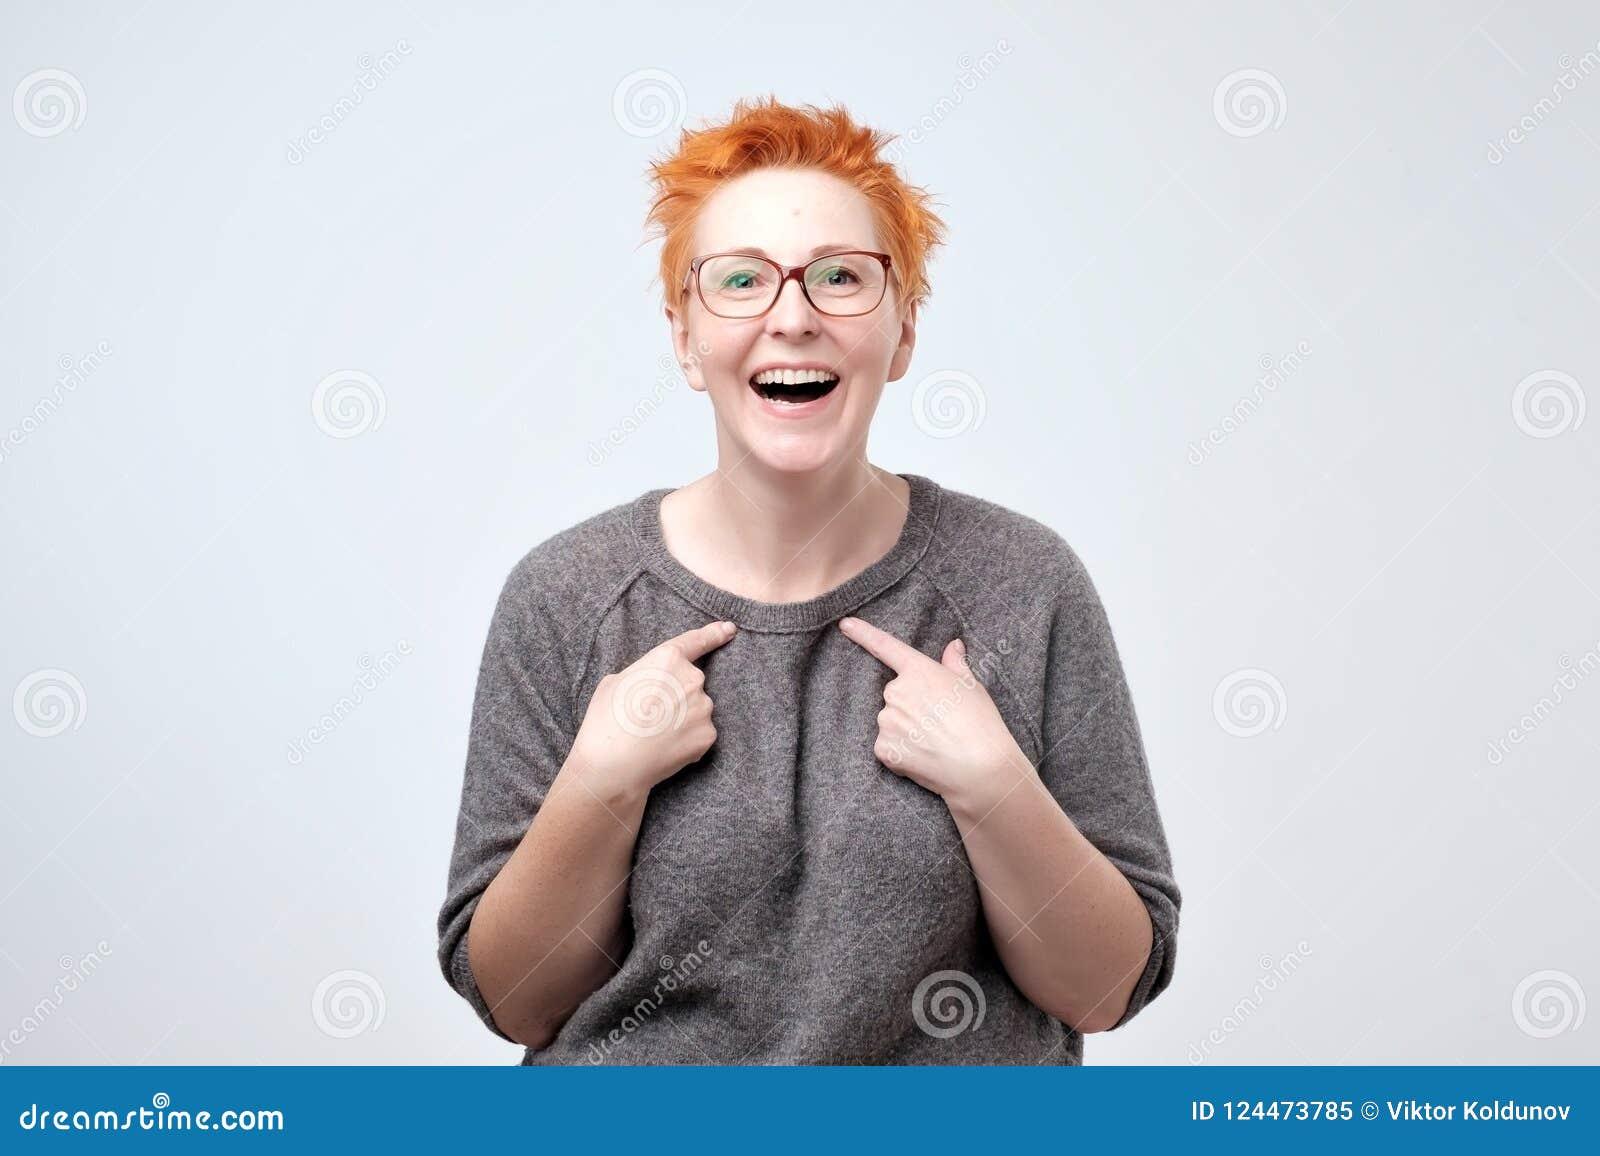 Ευτυχής ώριμη γυναίκα με την κόκκινη τρίχα που δείχνει τα δάχτυλα σε την Με επιλέξτε παρακαλώ έννοια